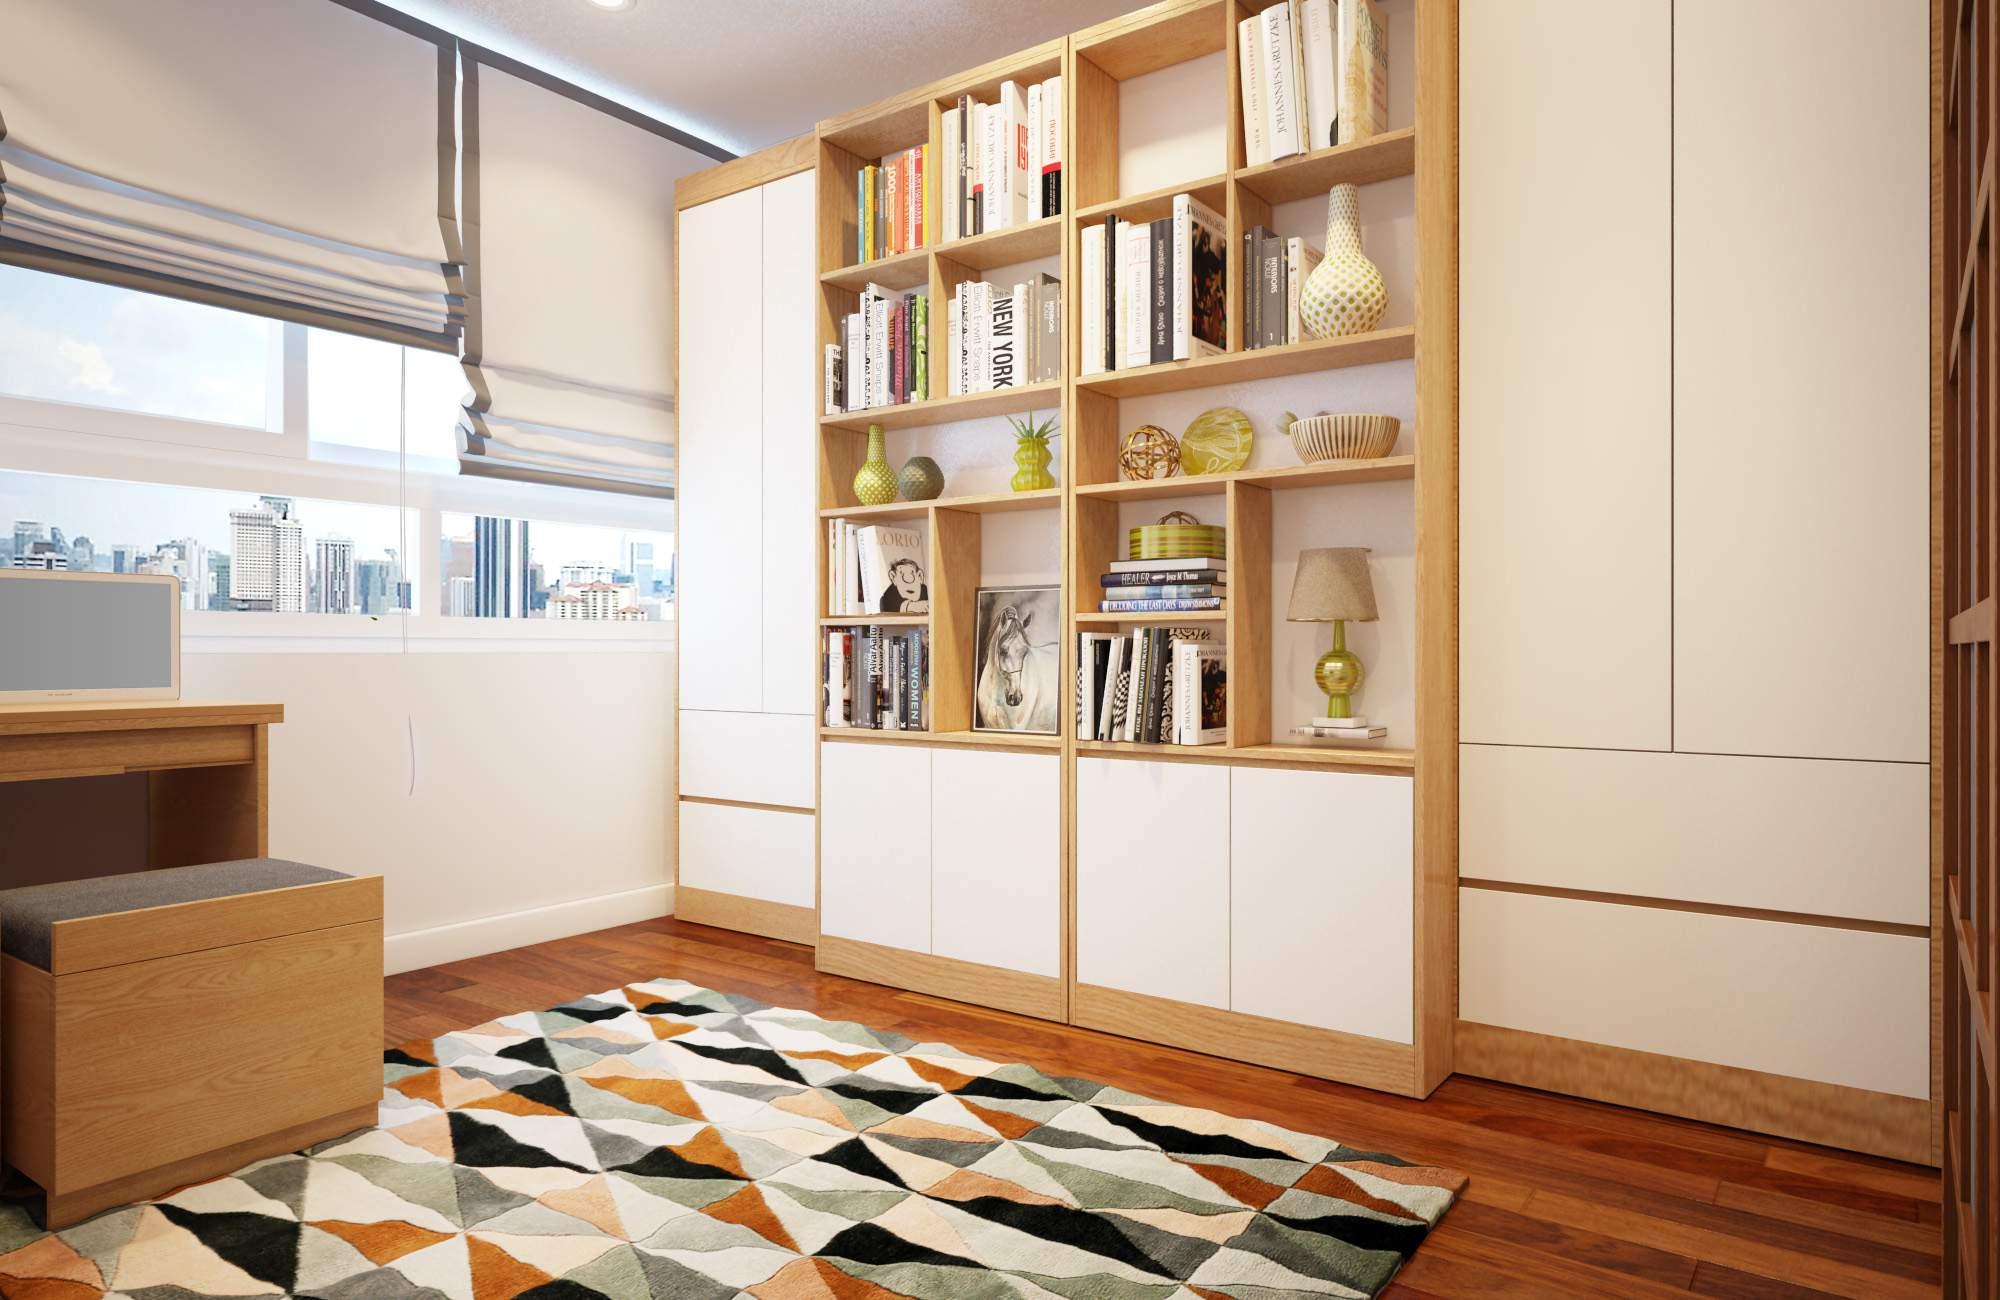 Giường ngủ đa năng kết hợp tủ trang trí có thể gấp lại gọn gàng giúp tiết kiệm diện tích cho căn phòng